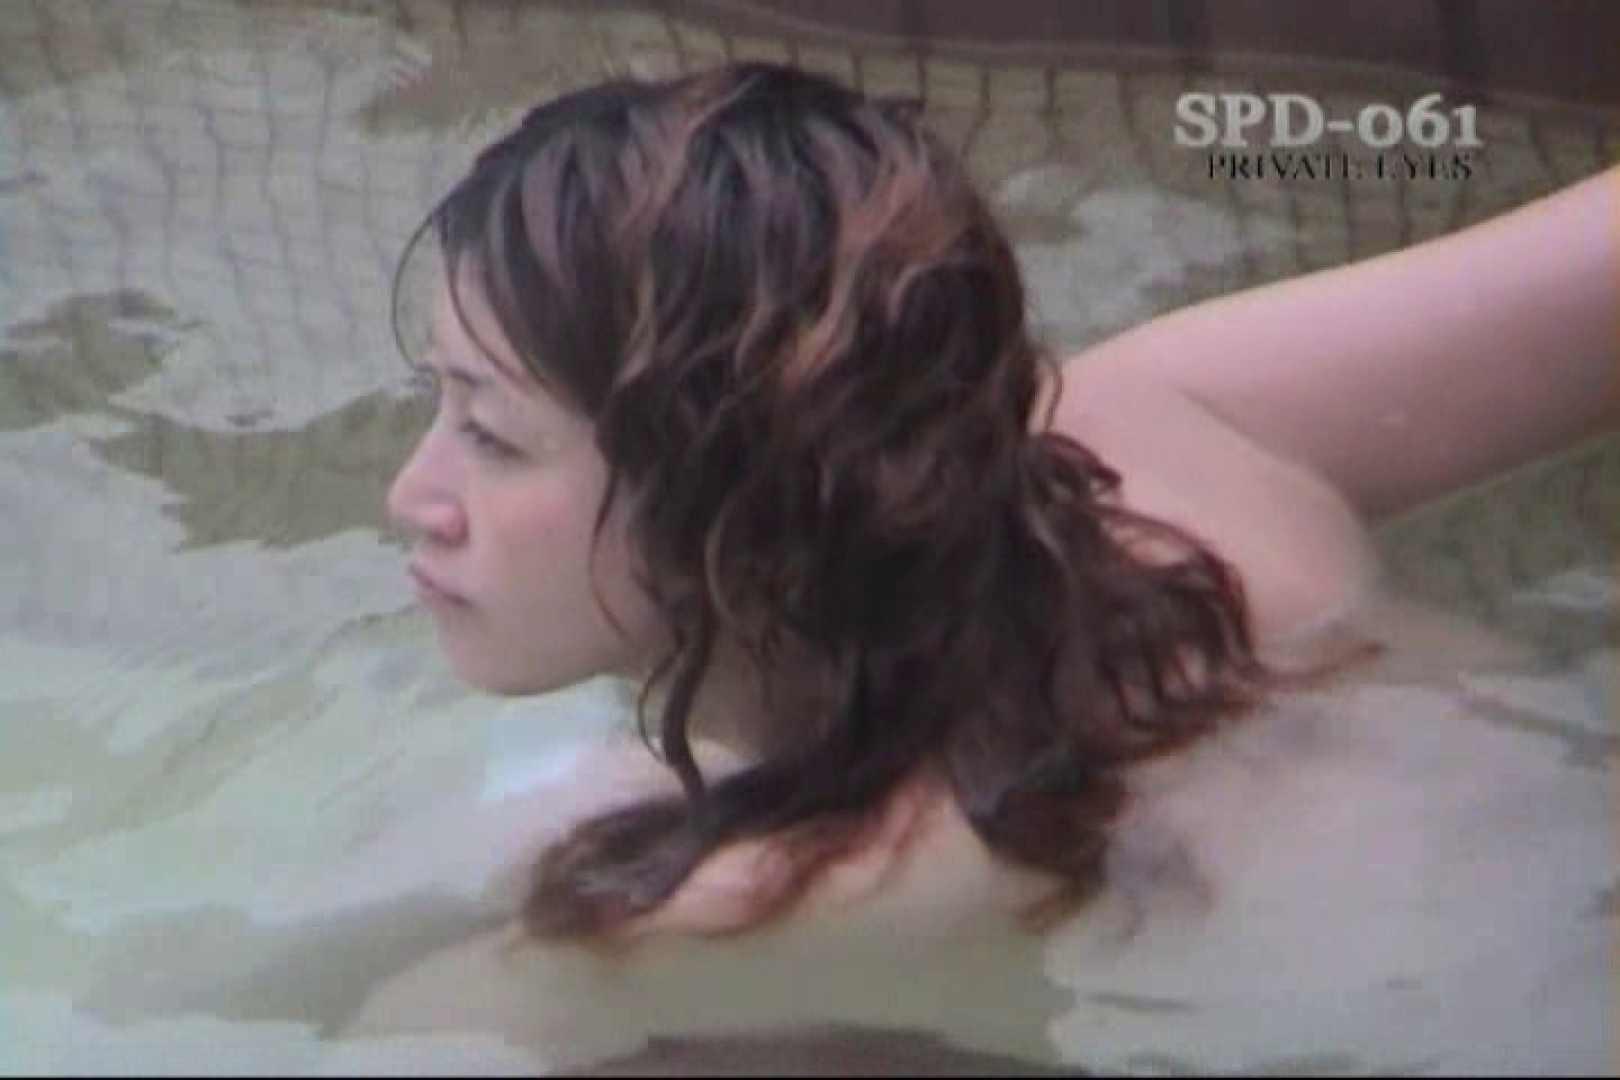 高画質版!SPD-061 新・露天浴場 8 人妻編 プライベート  87Pix 87